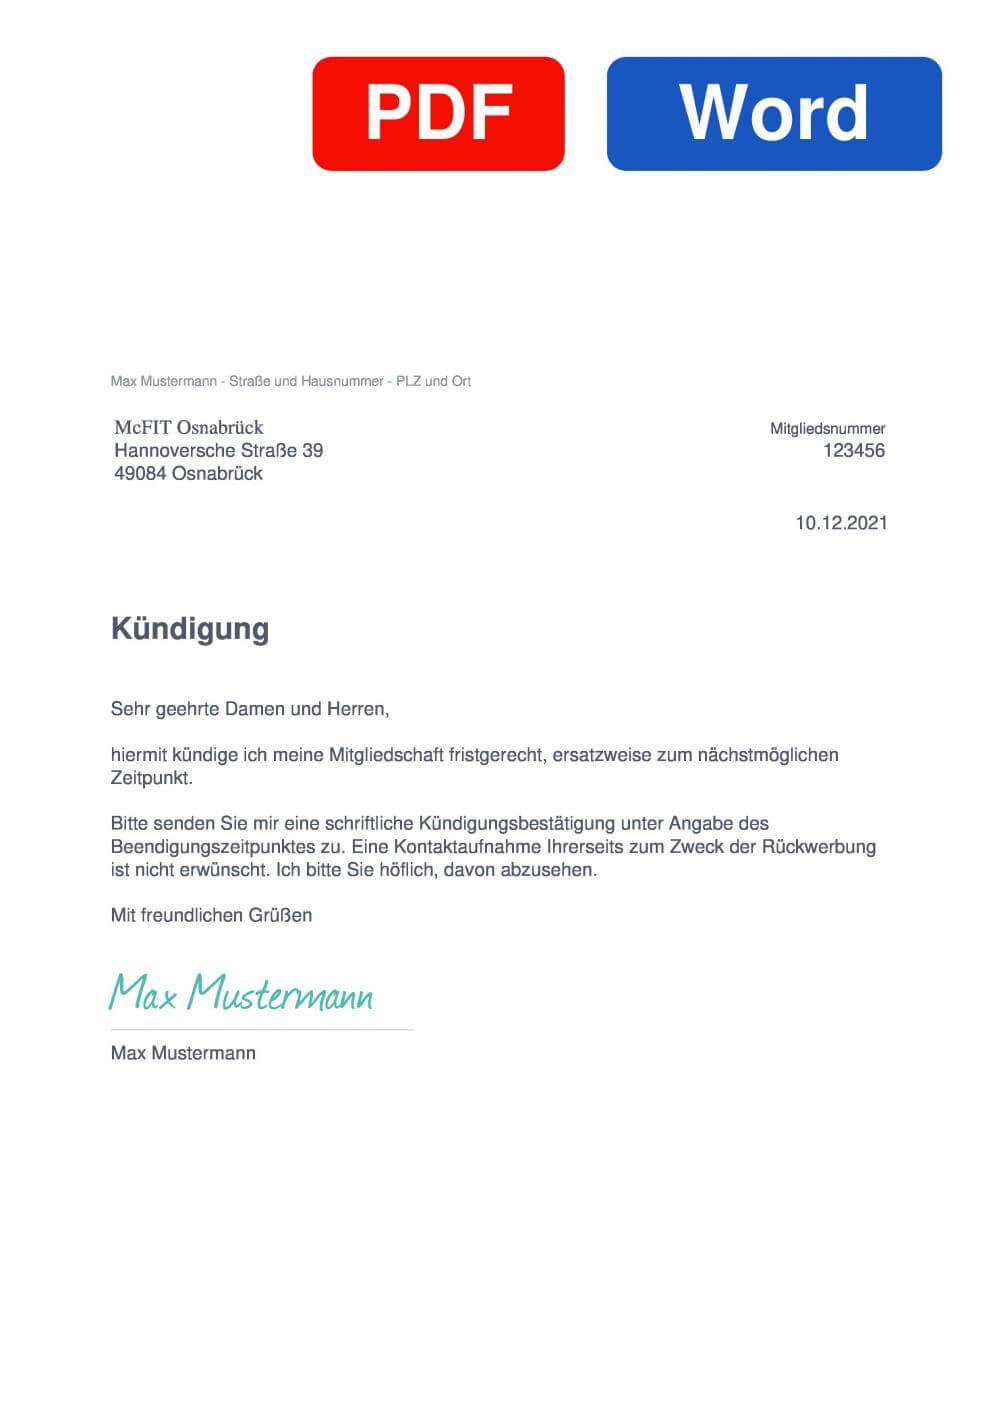 McFIT Osnabrück Muster Vorlage für Kündigungsschreiben